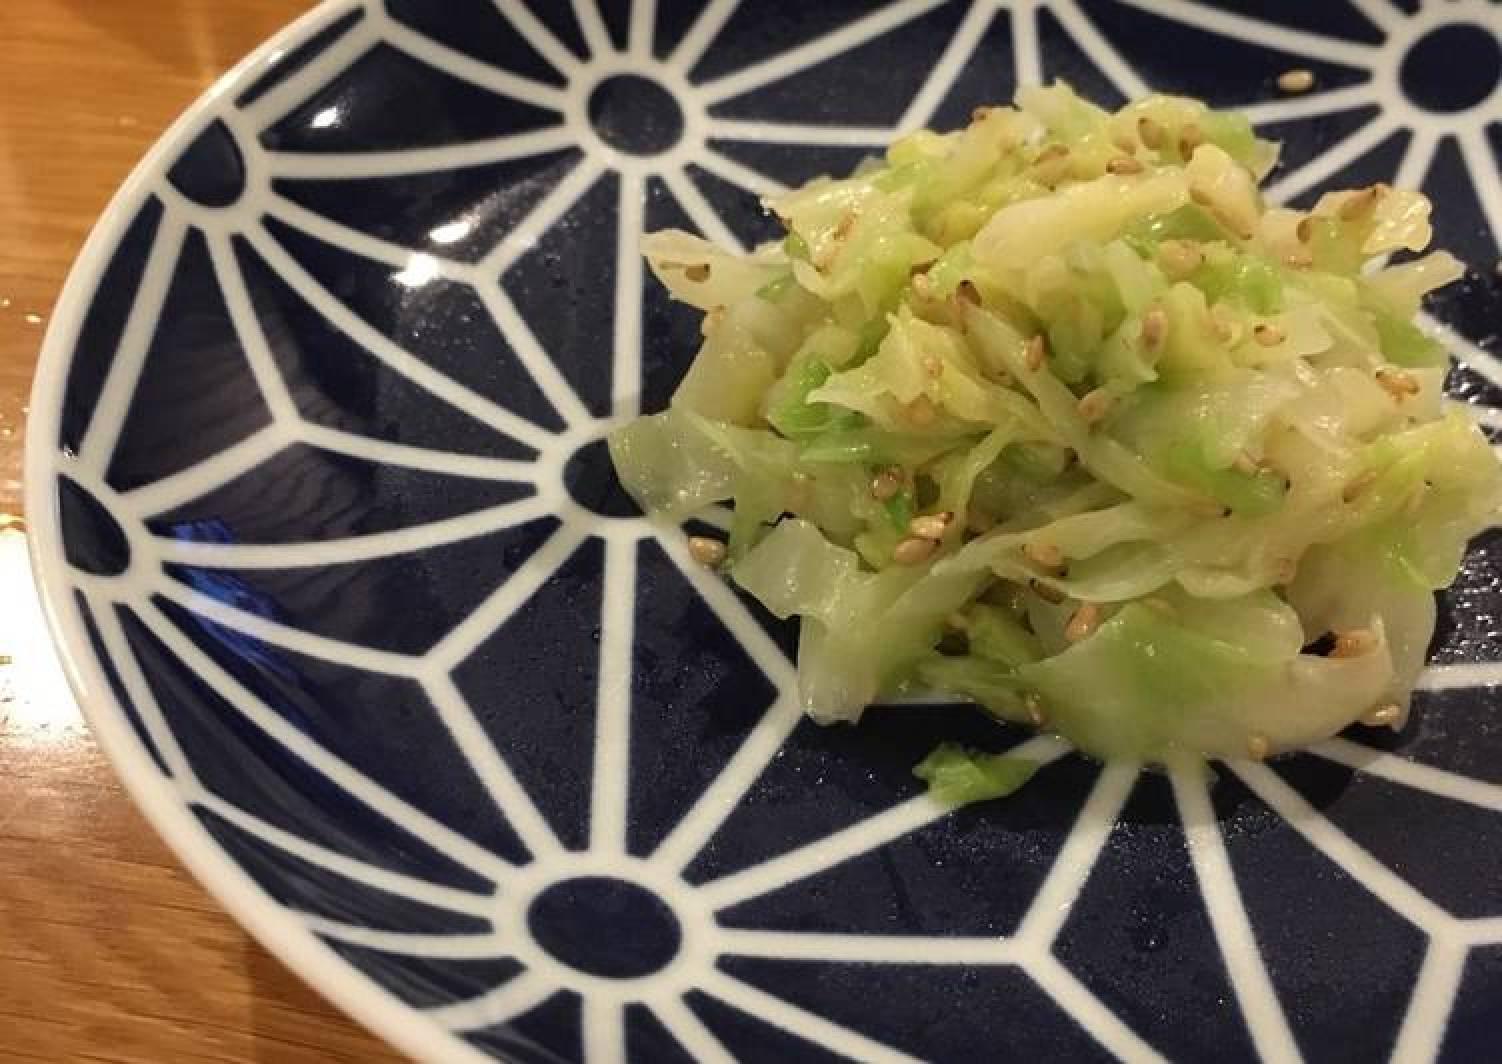 Korean cookery cabbage salad! (Namuru)